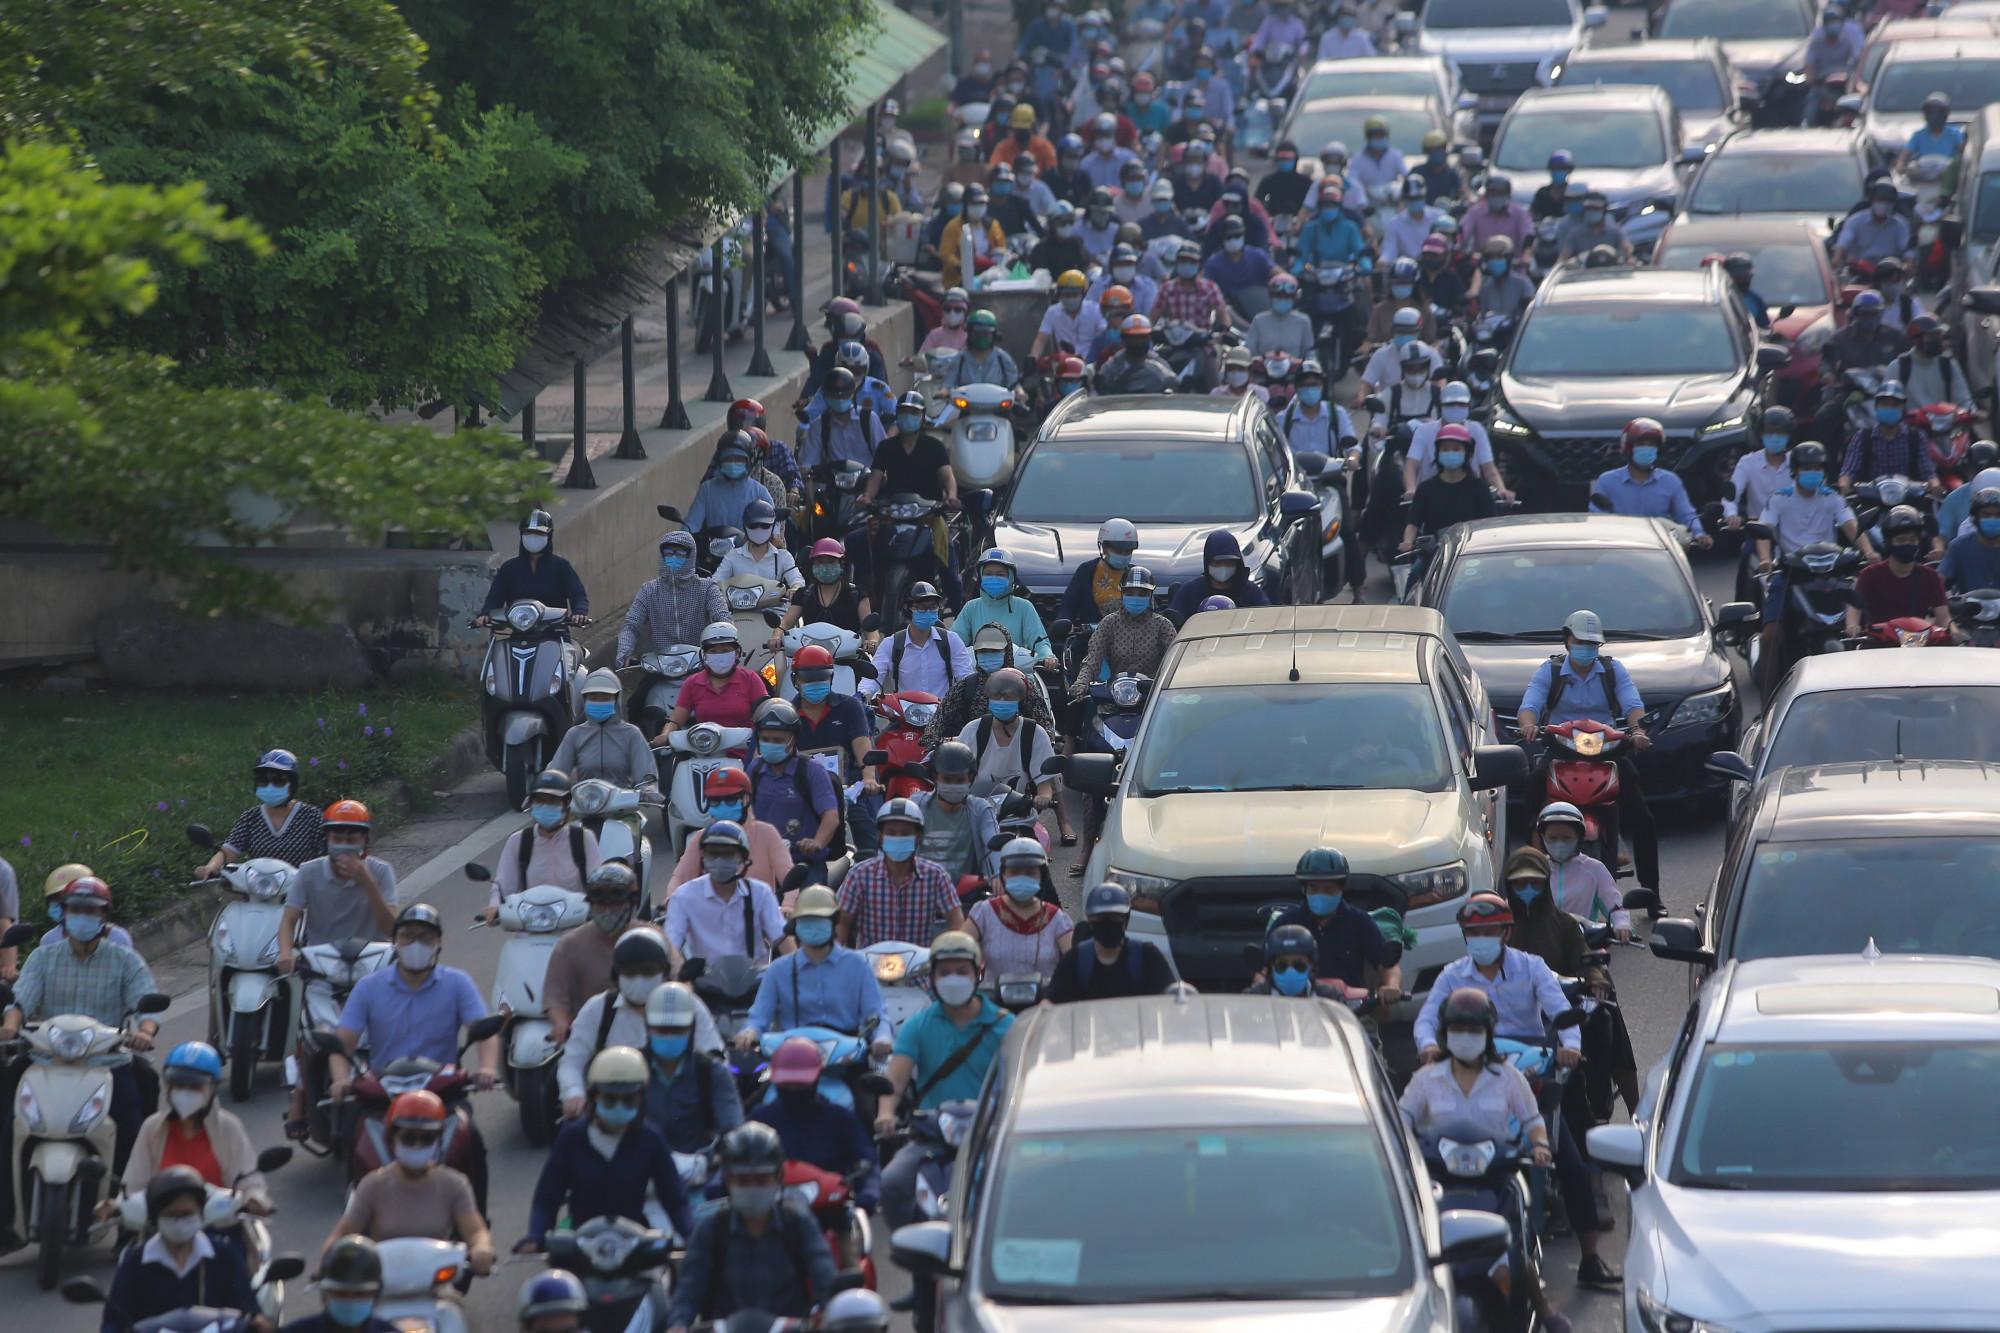 Hiện Hà Nội chỉ duy trì 23 chốt kiểm soát các cửa ngõ vào Thủ đô.